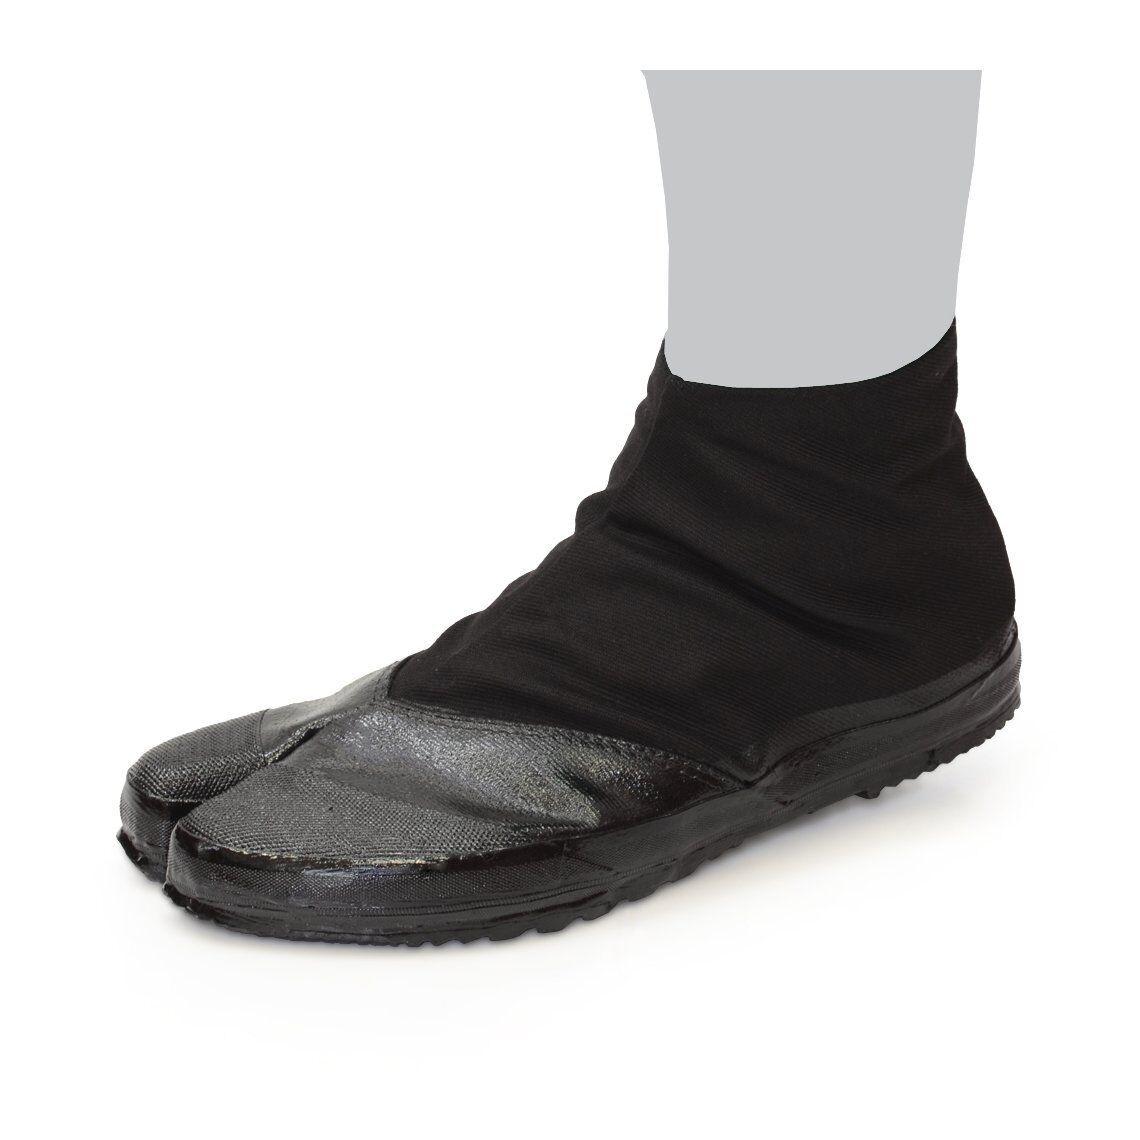 Tabi Working shoes Sokaido: Farming job, light weight shoes, MW-503